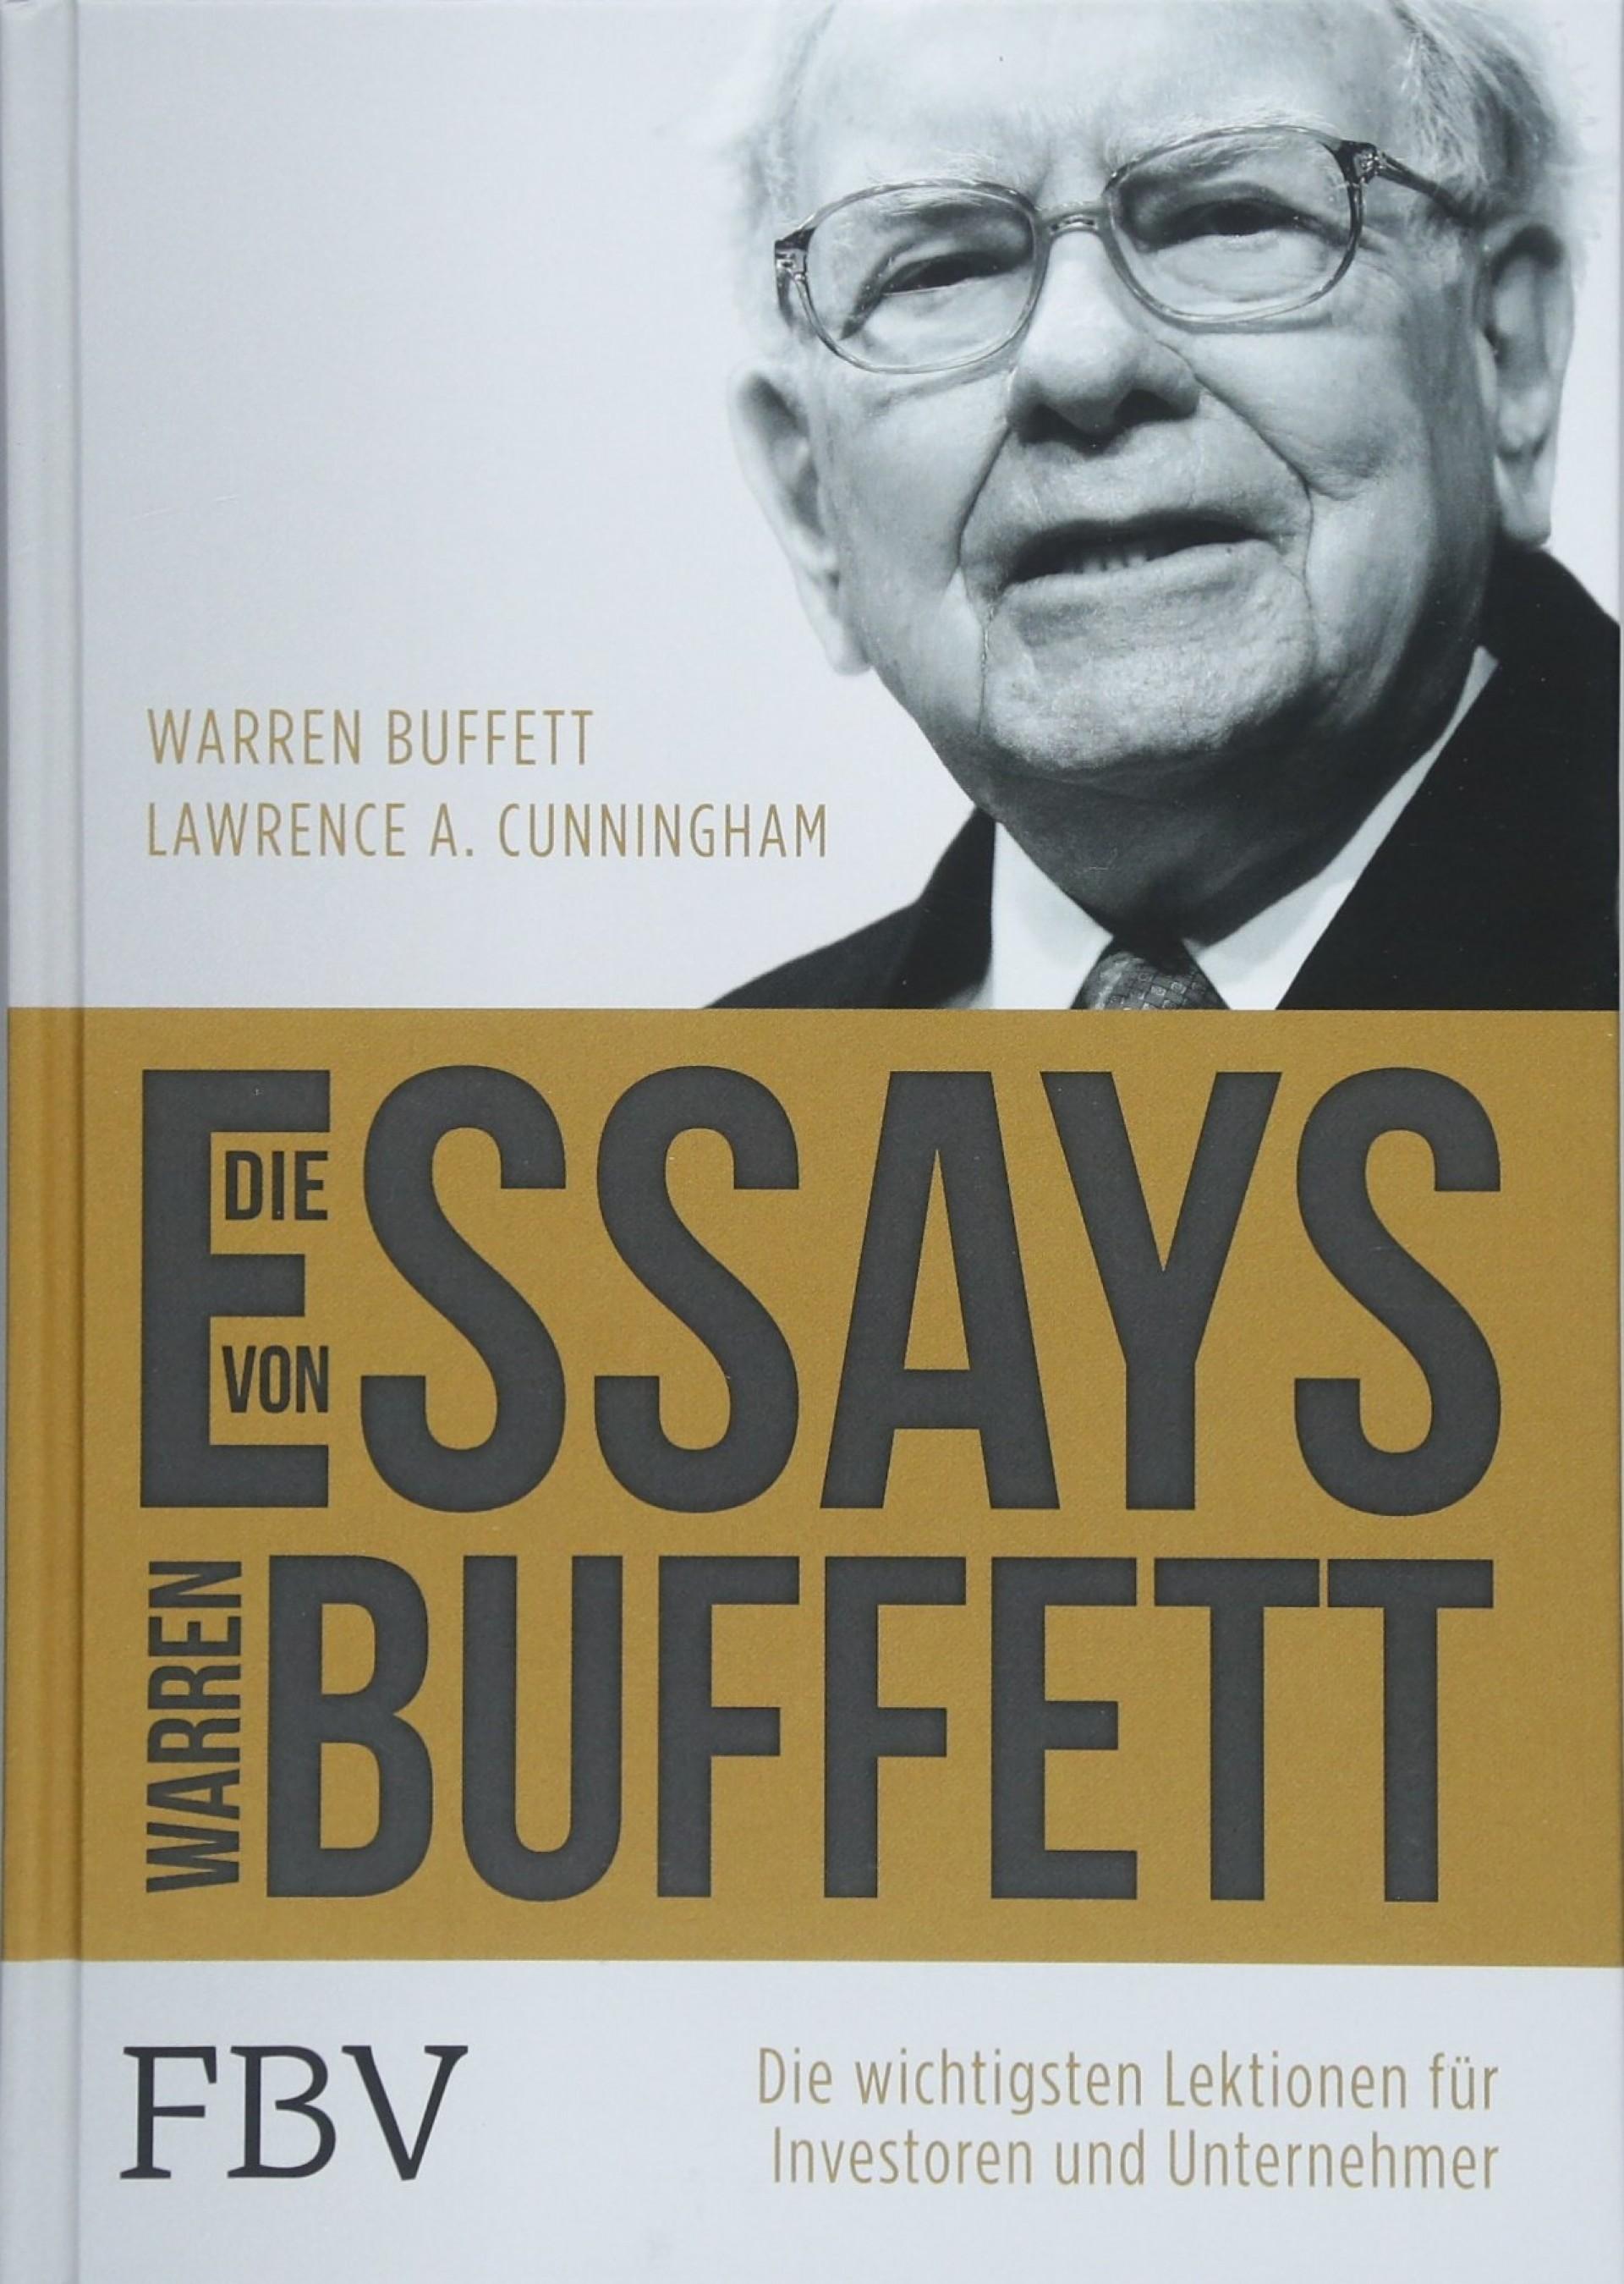 001 Essay Example 81hgobz2bc1l Die Essays Von Warren Archaicawful Buffett Pdf 1920